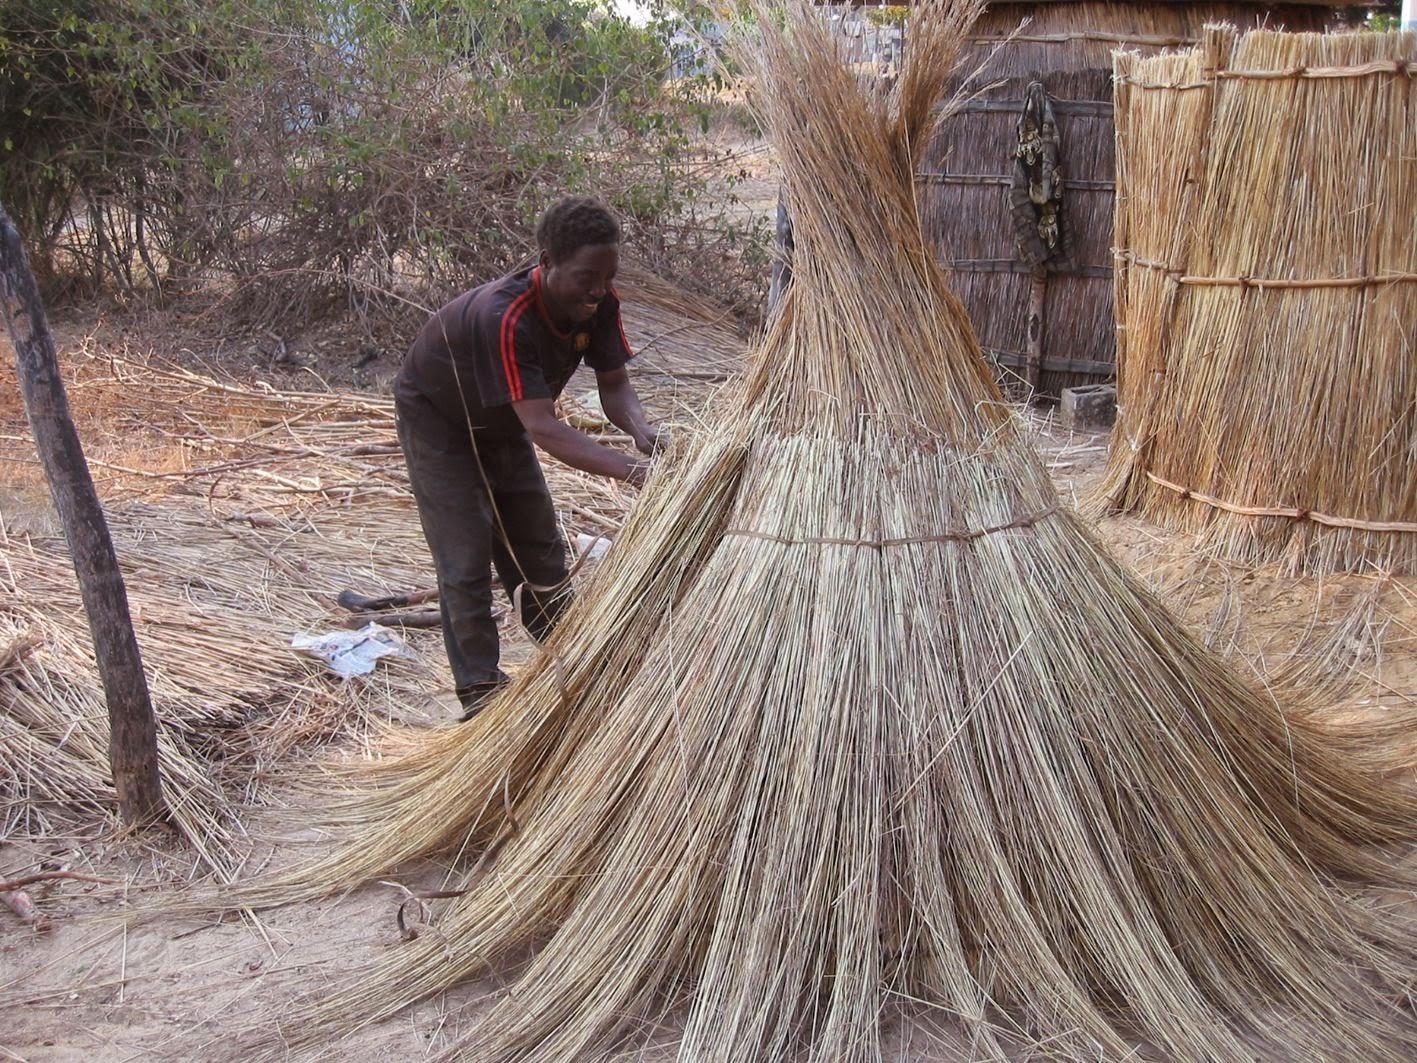 Making a grass hut